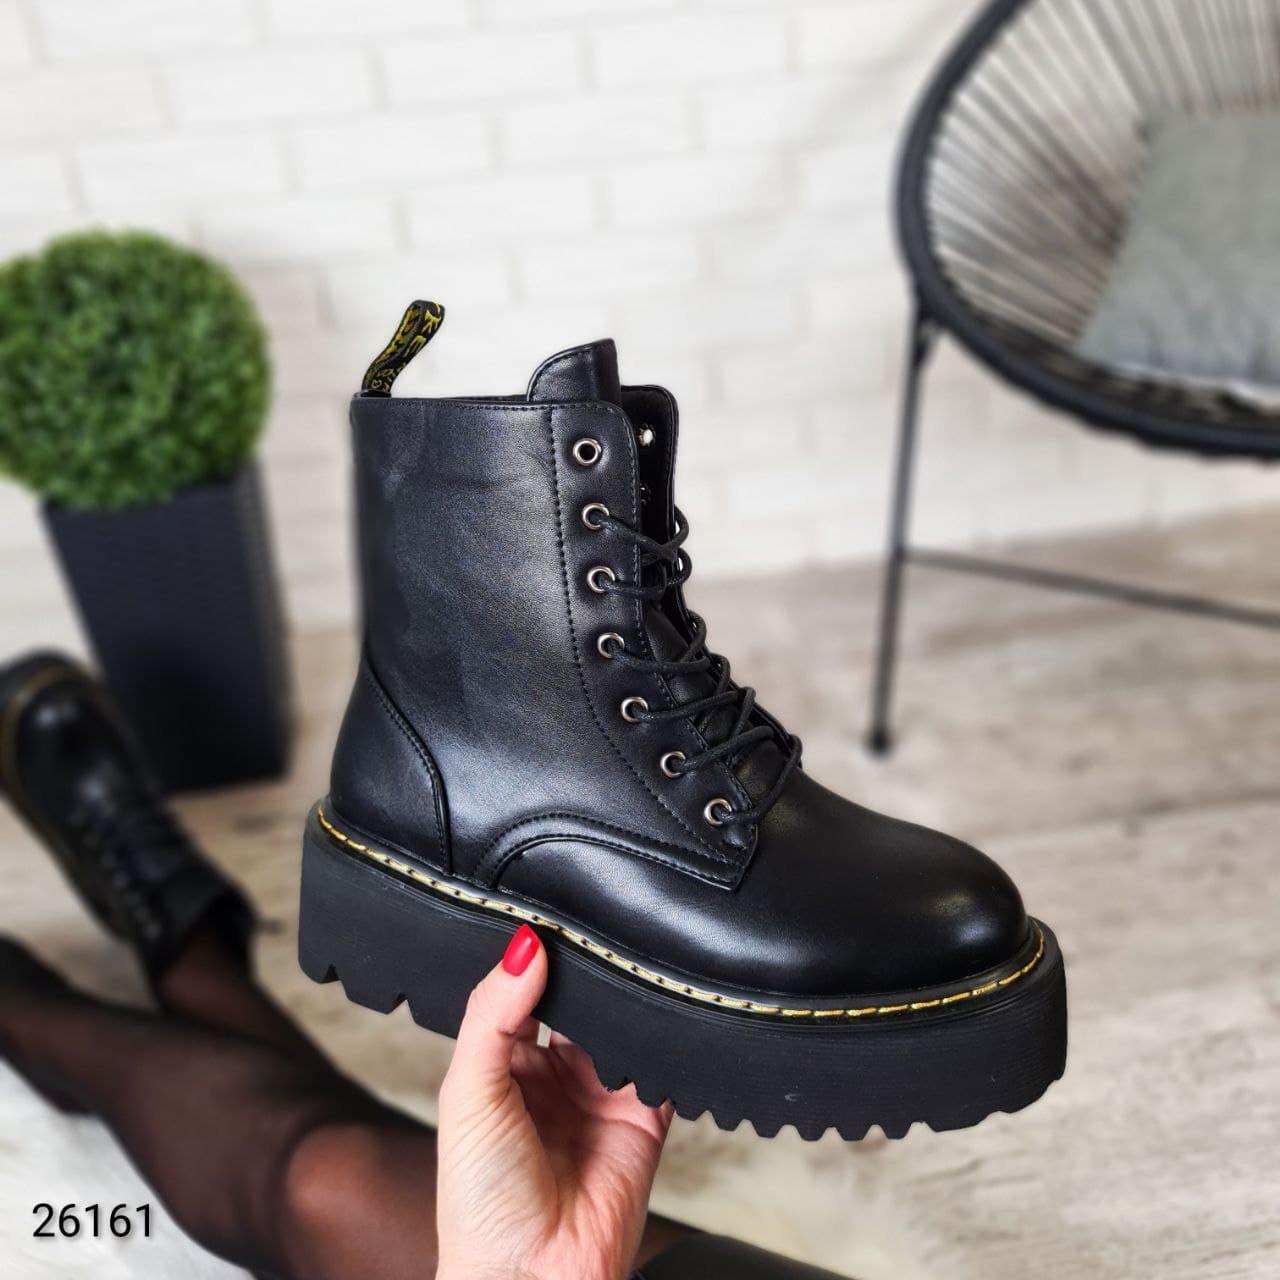 Женские демисезонные ботинки на высокой подошве LS-26161